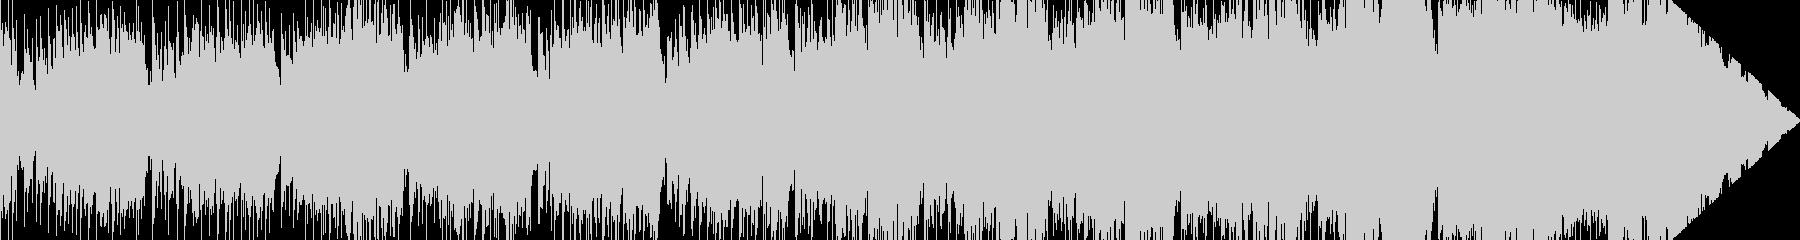 奇妙な音の異世界系ポップBGMの未再生の波形